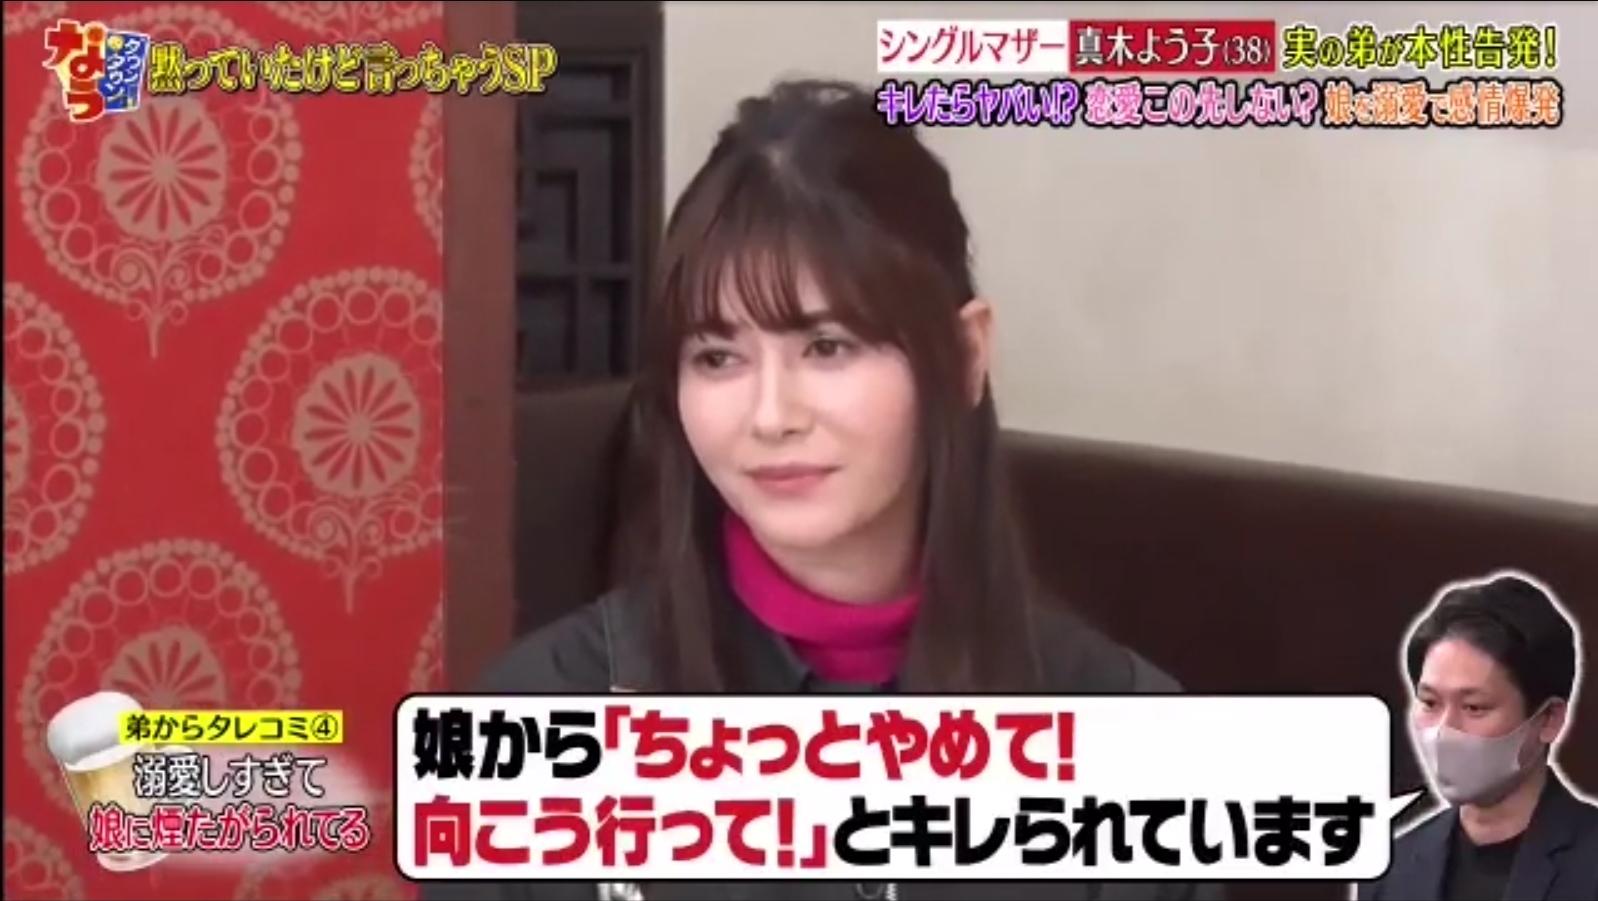 【画像】真木よう子さん38歳、色気がすごすぎる